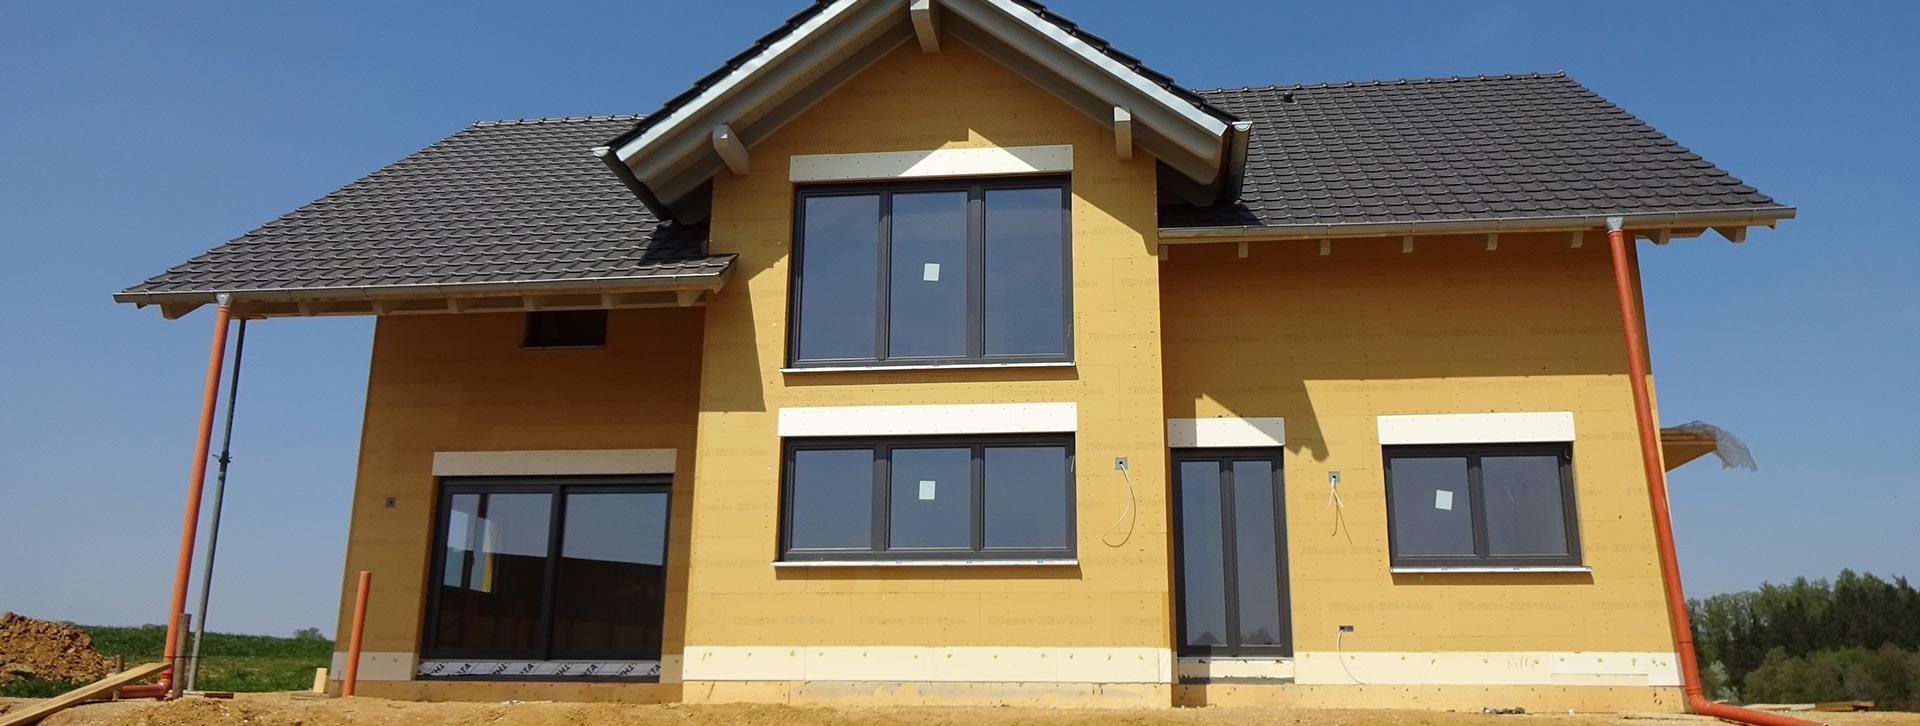 Zimmerei Roider in Gündlkofen - Zimmerarbeiten, Massivholzhäuser und mehr